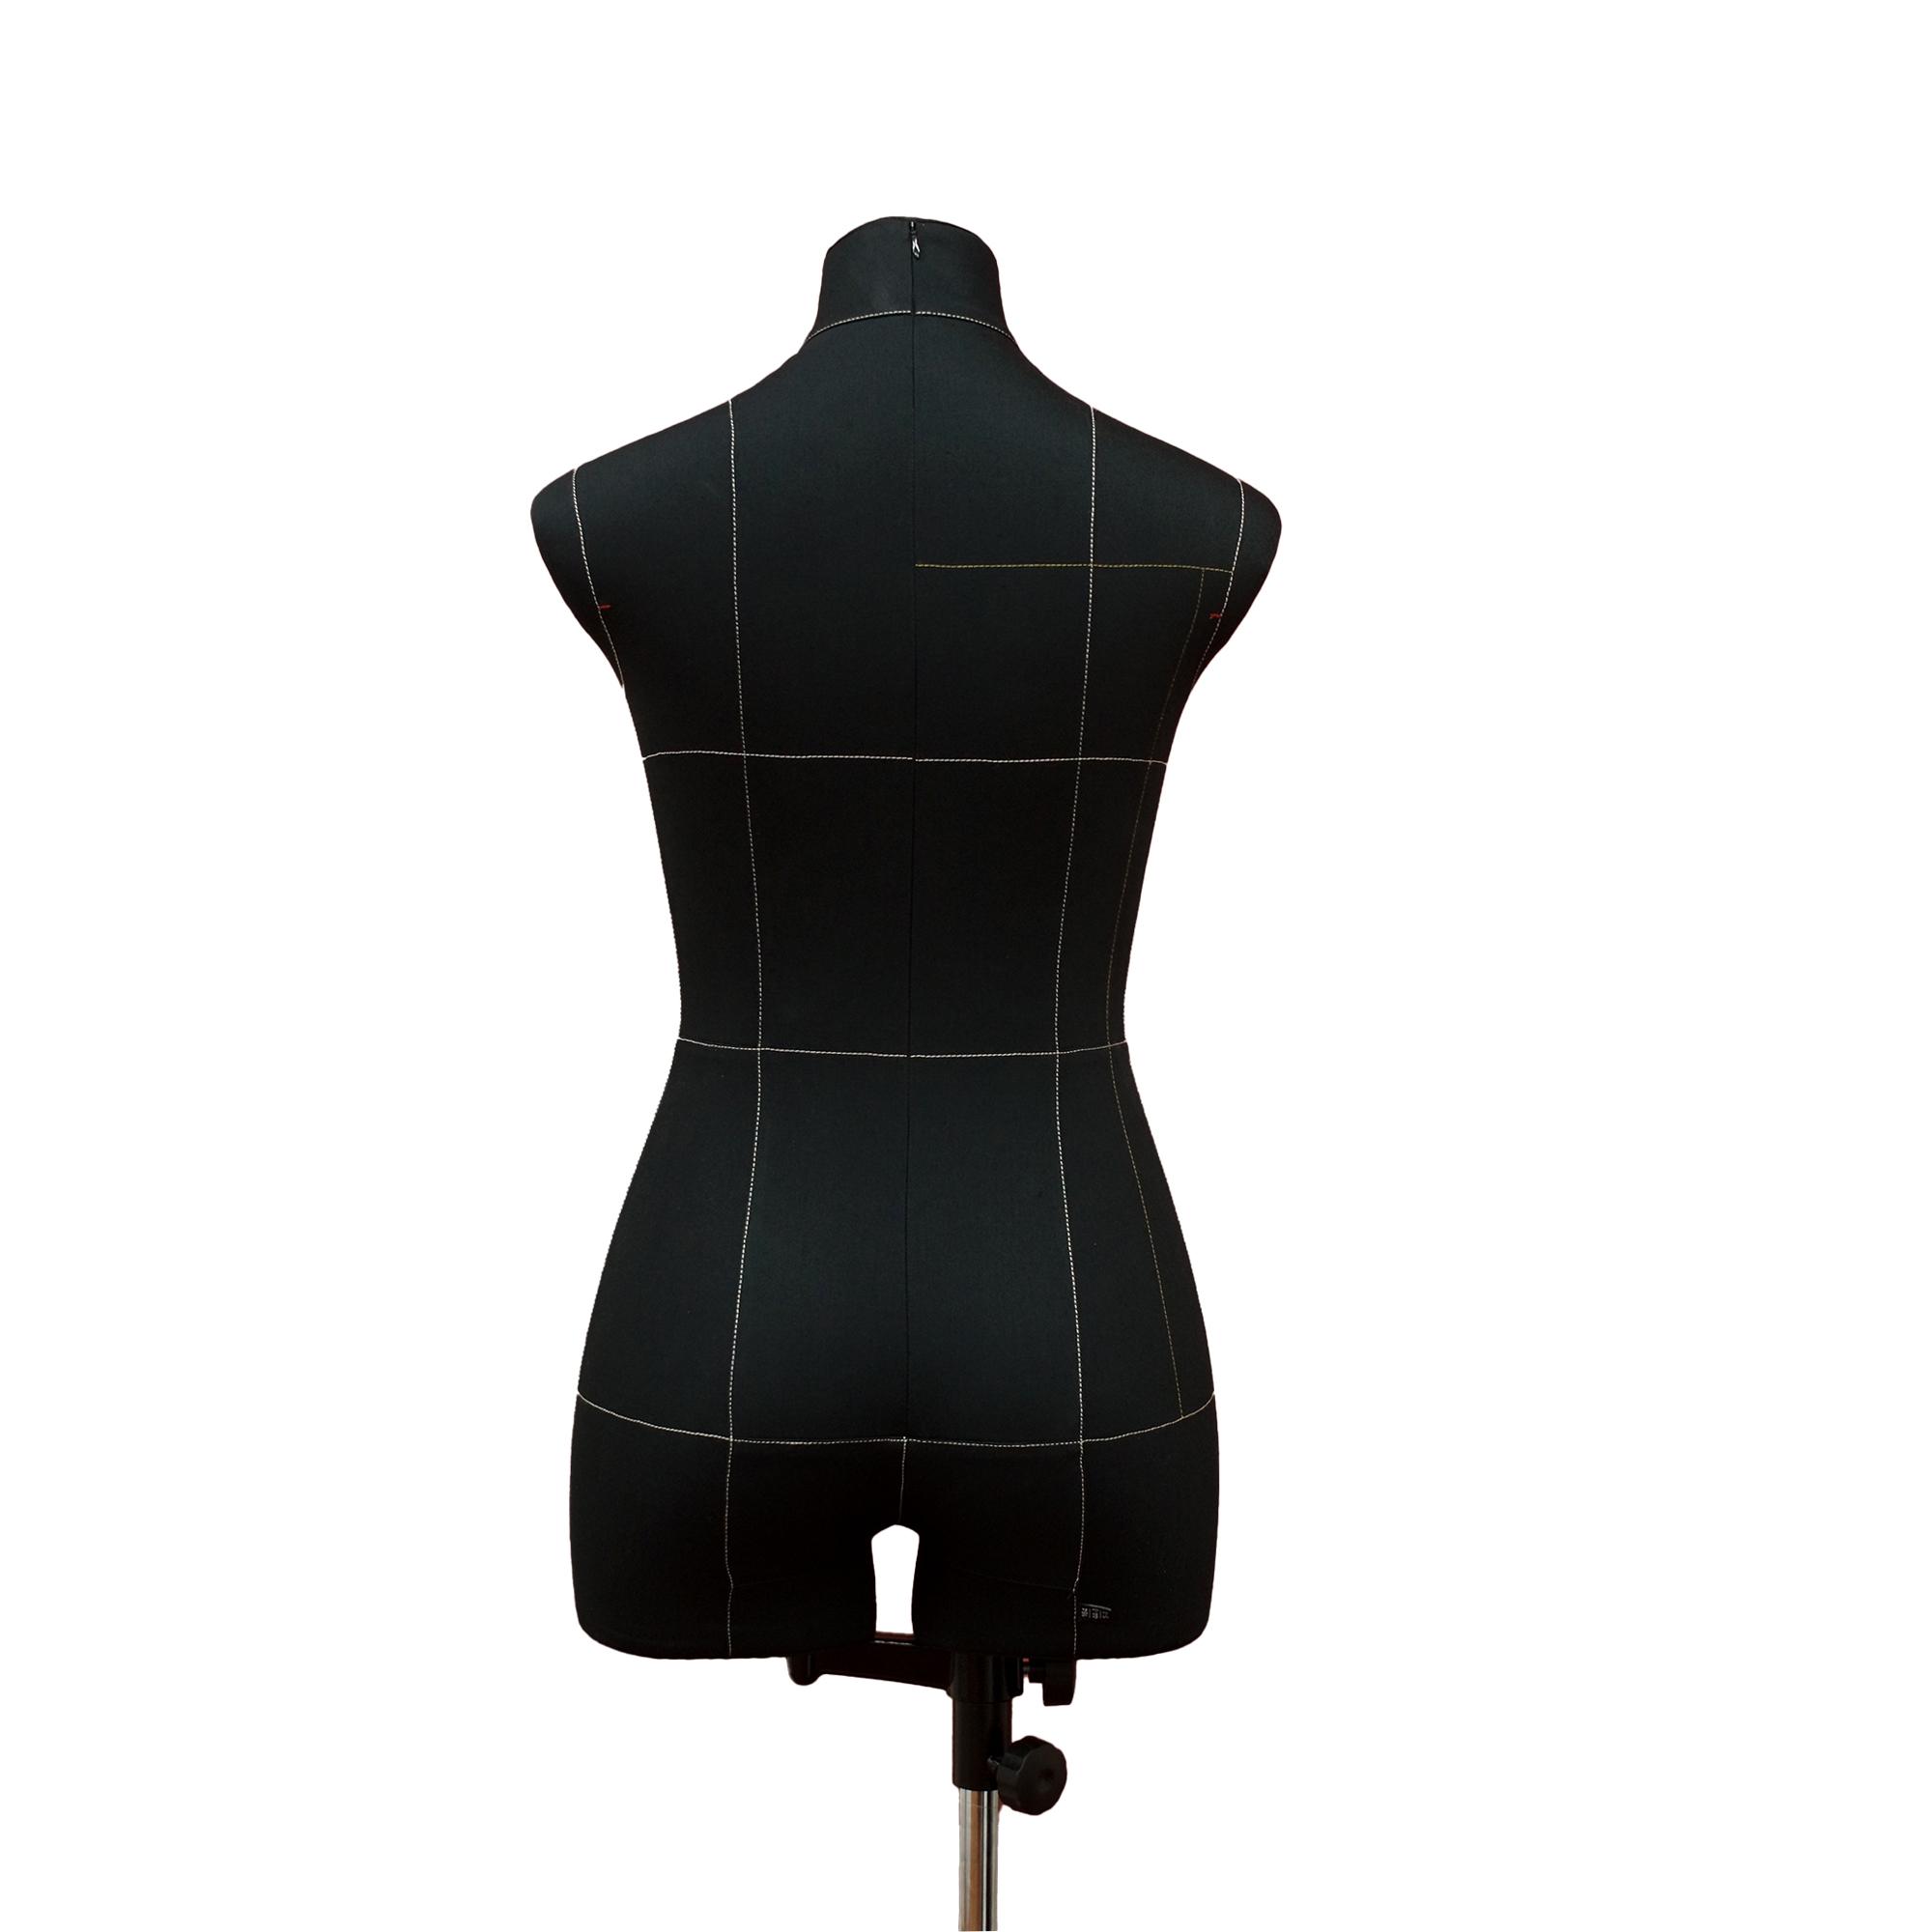 Манекен портновский Моника, комплект Стандарт, размер 44, тип фигуры Песочные часы, черныйФото 1